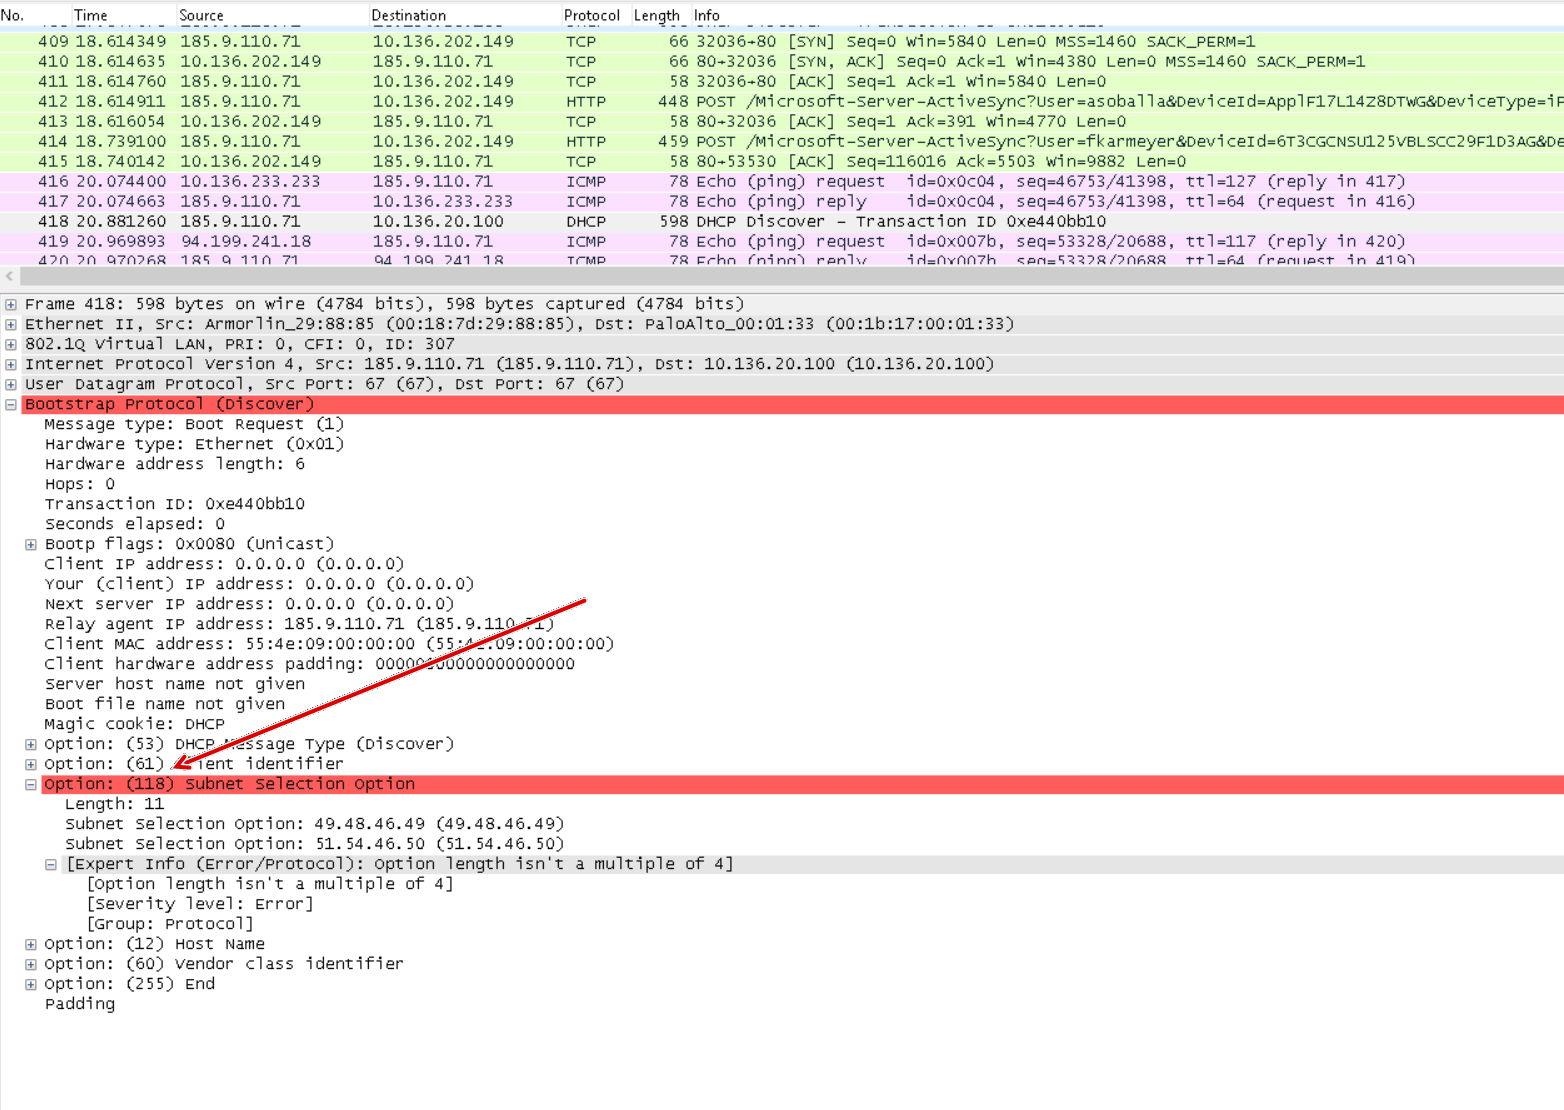 PULSE Gateway verschickt DHCP Requests für ein falsches Netz (Check